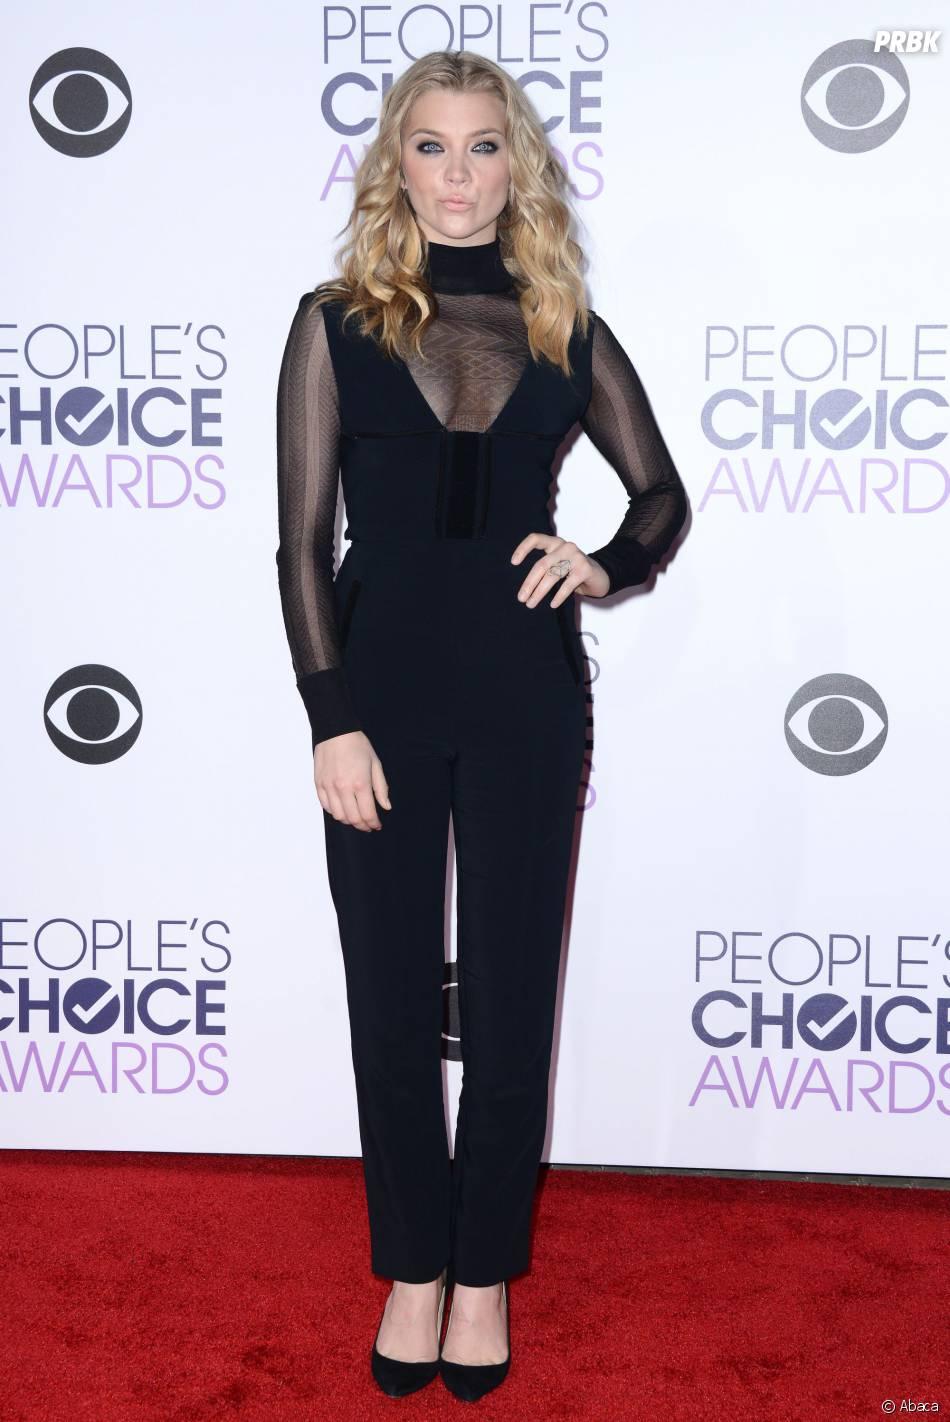 People's Choice Awards 2016 : Natalie Dormer sur le tapis rouge le 6 janvier